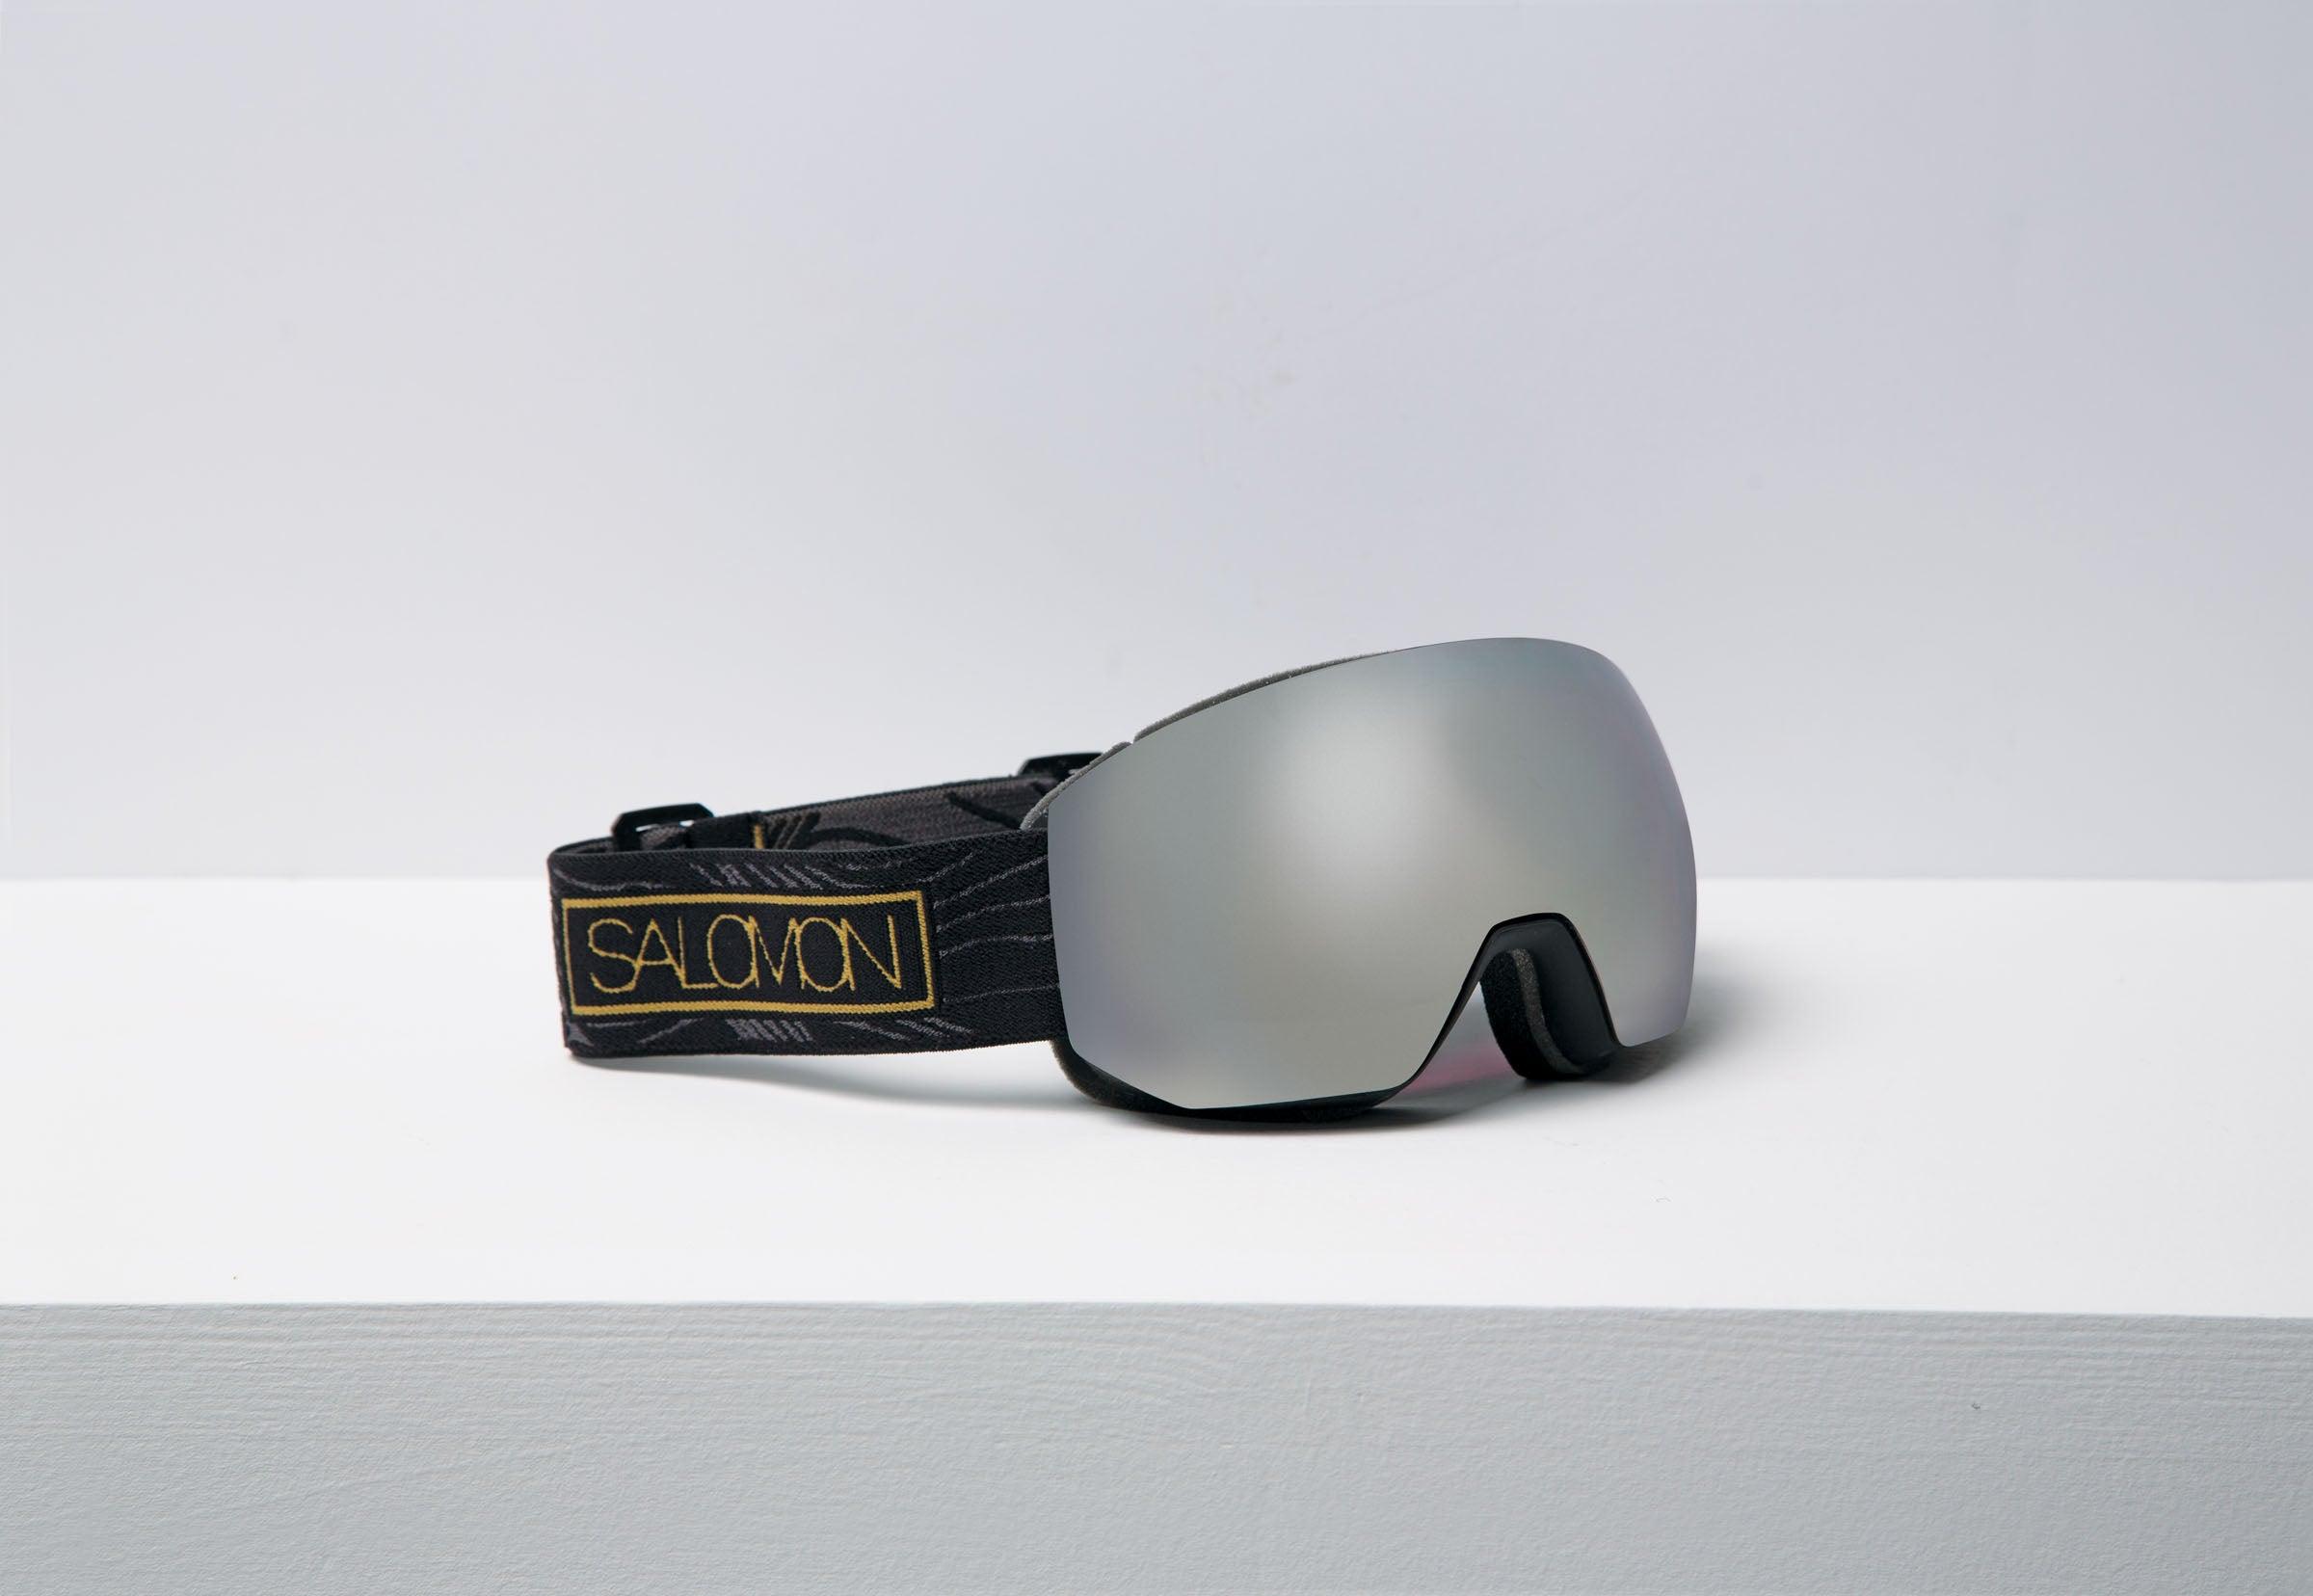 2022 Salomon Radium Pro Sigma goggles